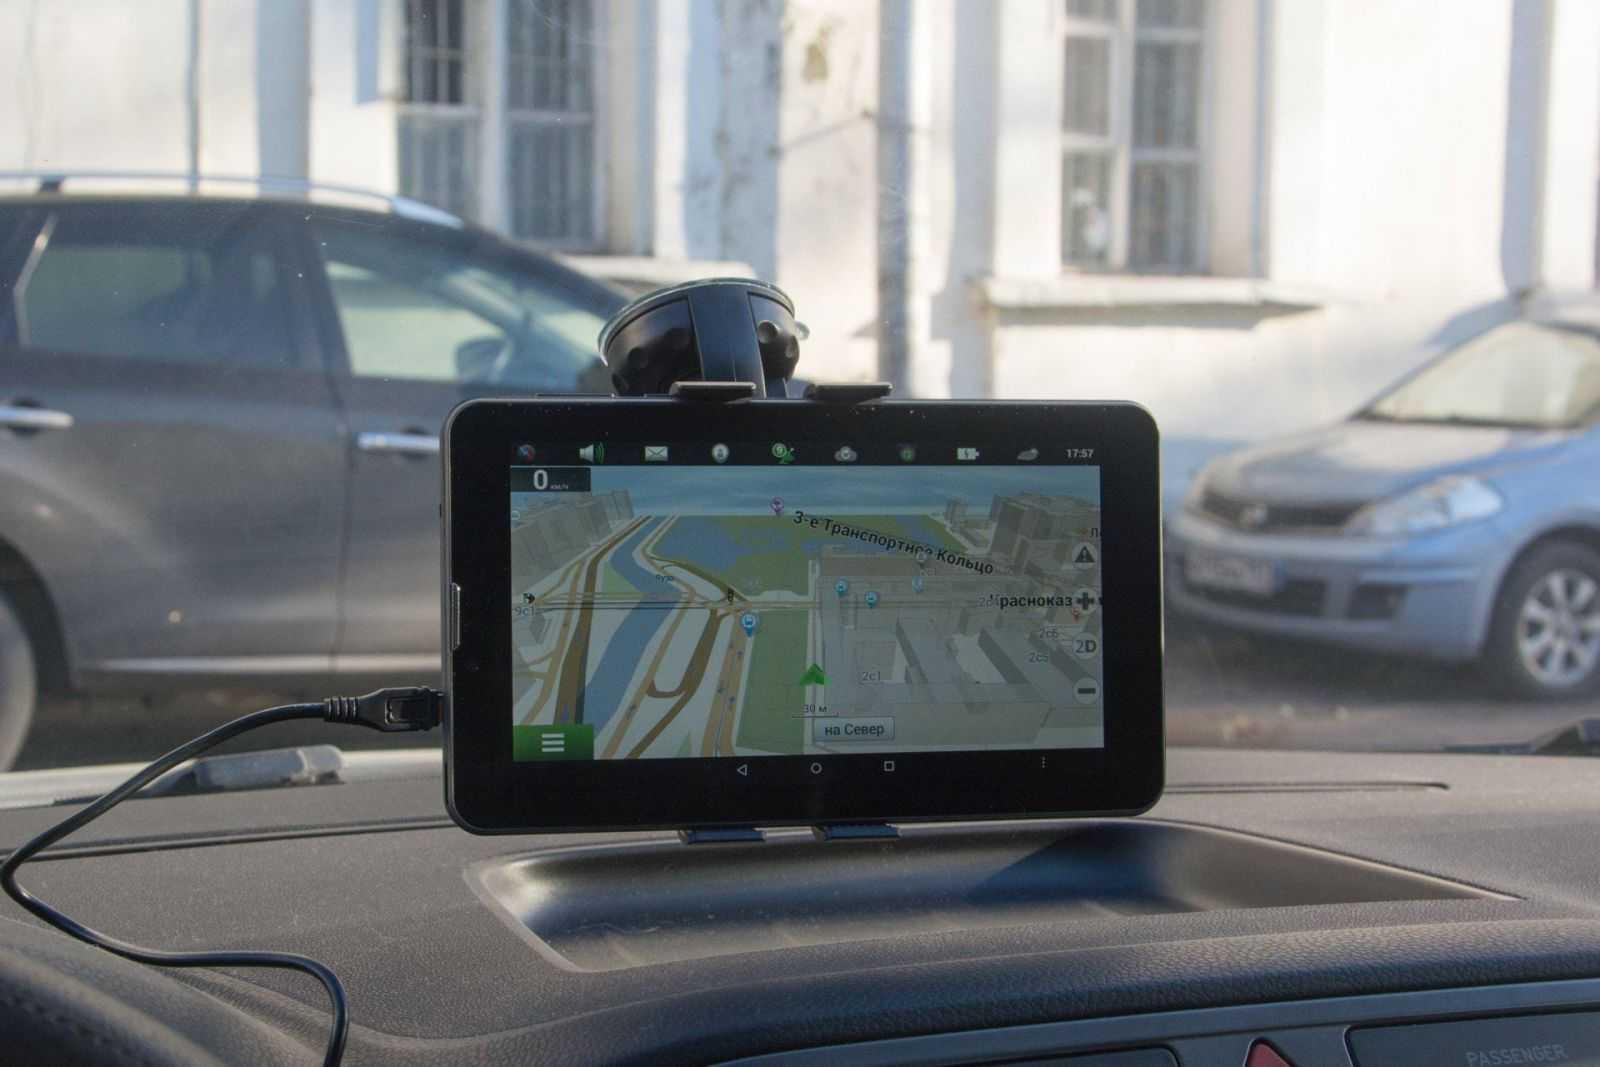 DSC 1730 - Время приключений. Обзор навигатора Navitel A735